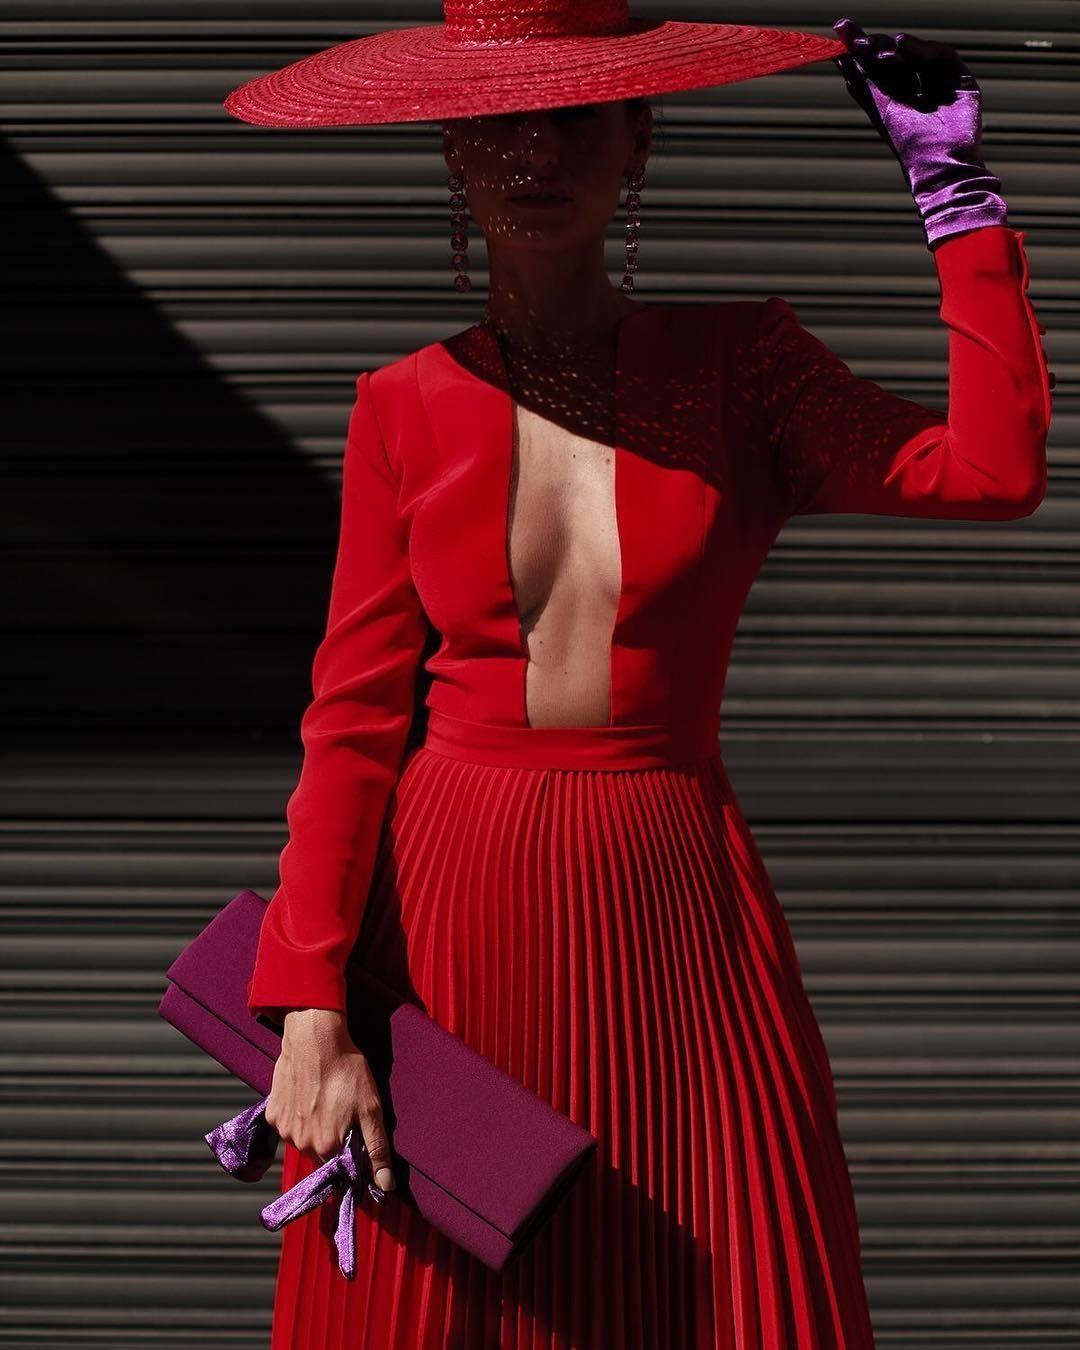 Pipaporras Preciosa Con Vestidazo De Fernandoclarocouture Andrewjim Fernandoclarocouture Hautecouture Fashion Fashion Outfits Classy Outfits